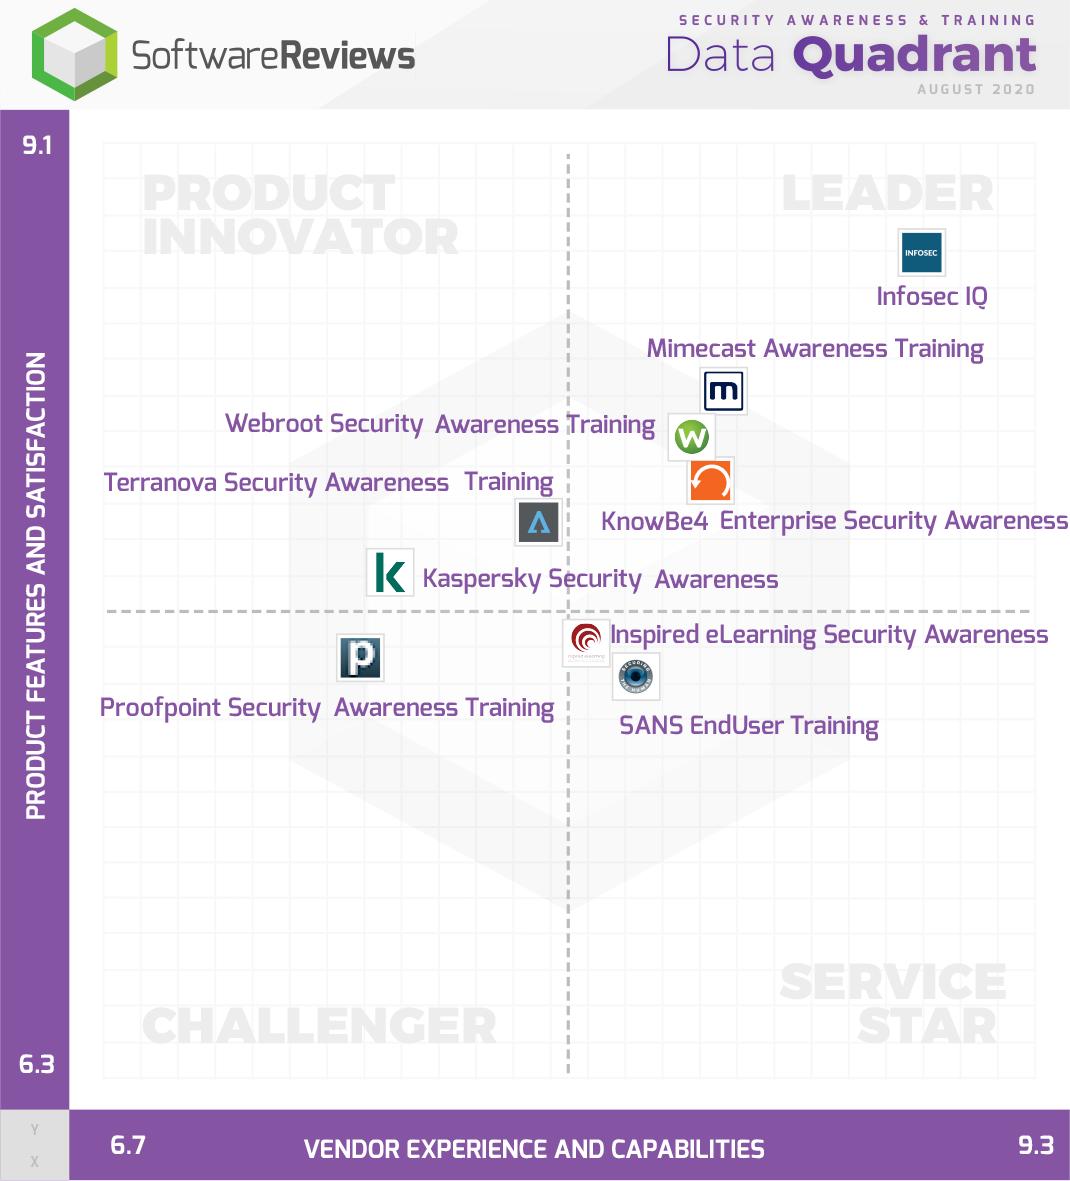 Security Awareness & Training Data Quadrant